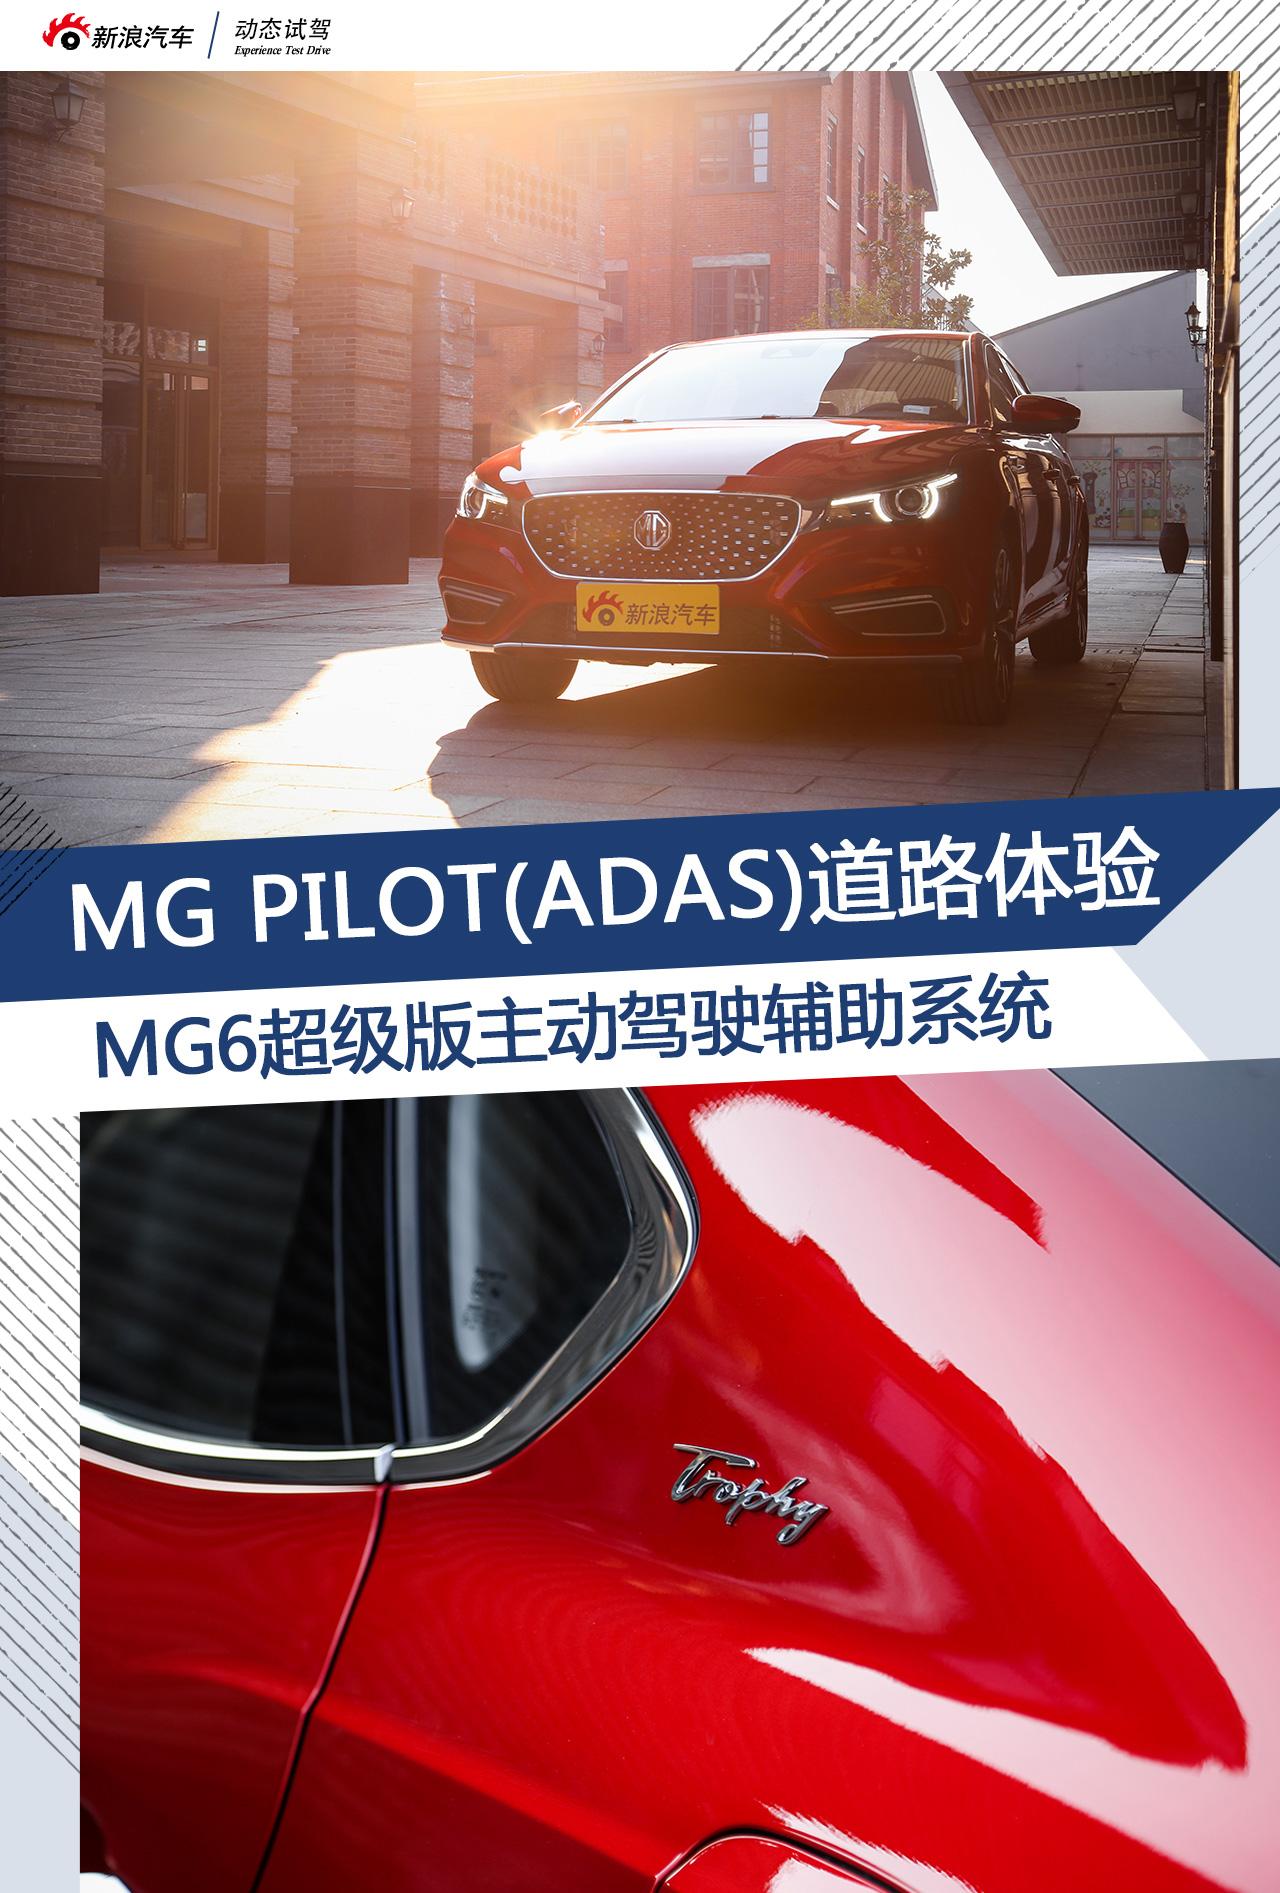 体验名爵6超级版MG Pilot高级主动驾驶系统